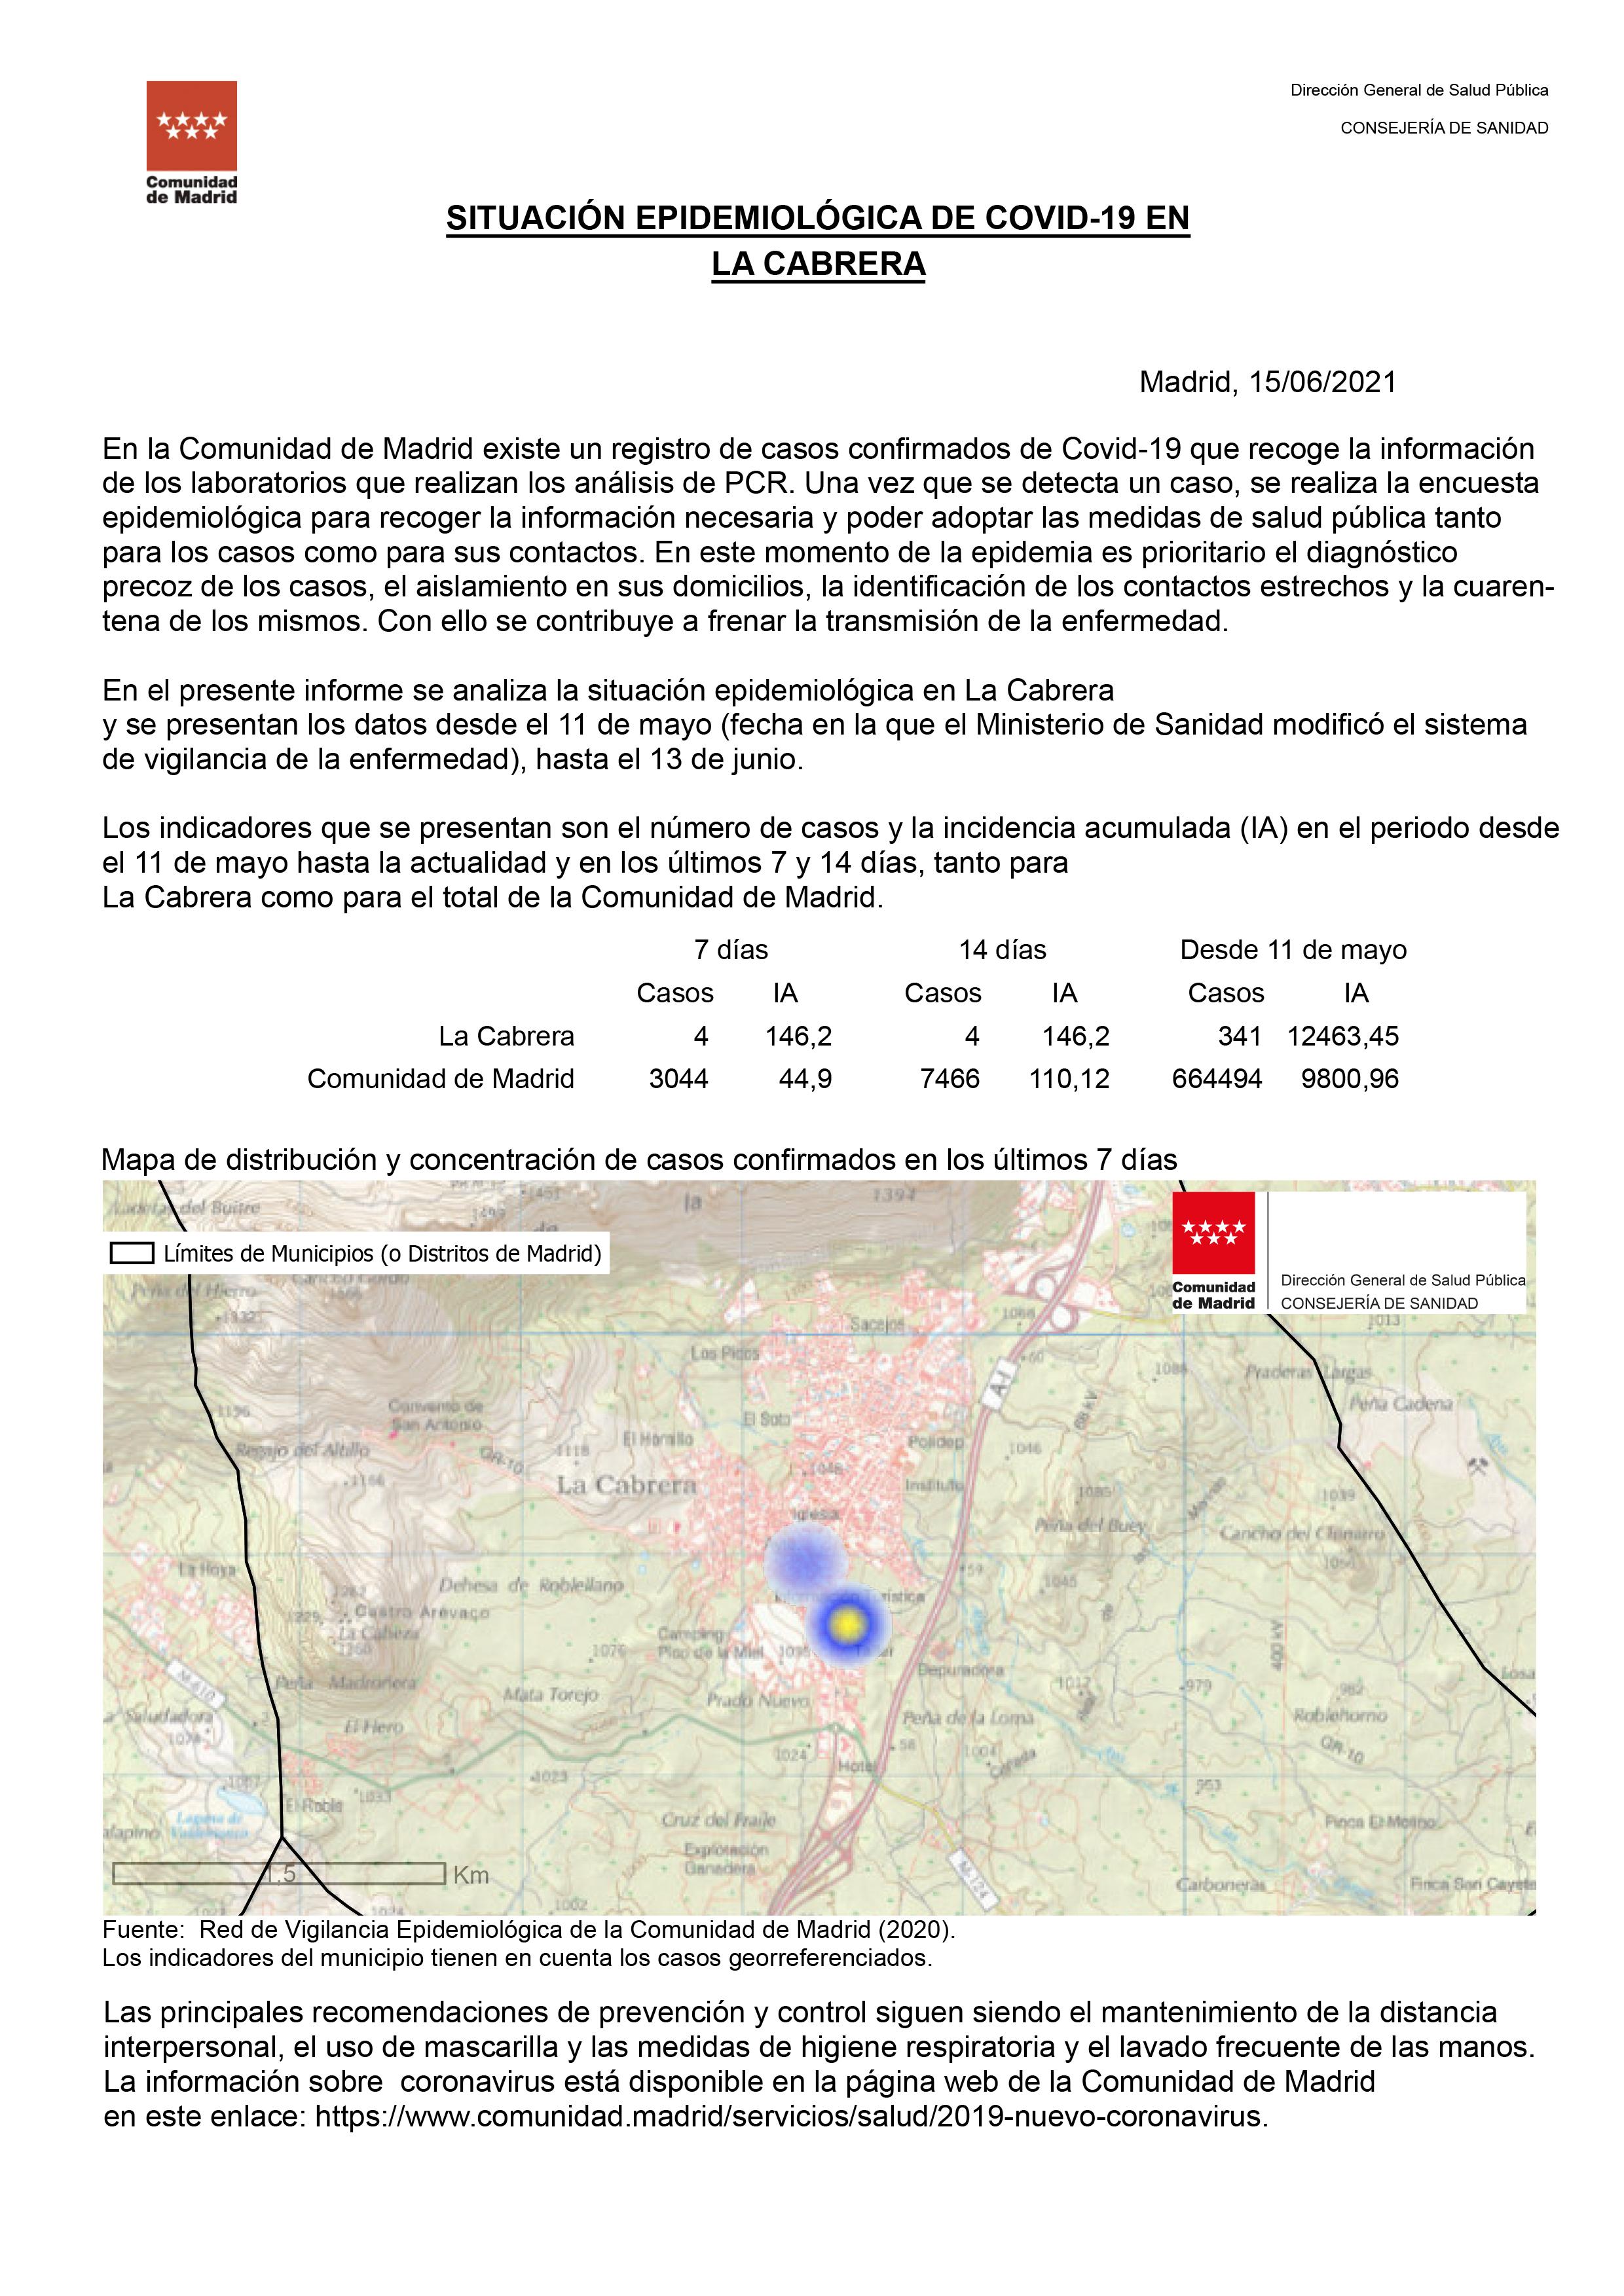 COVID19_ise_municipios__La Cabrera16-6